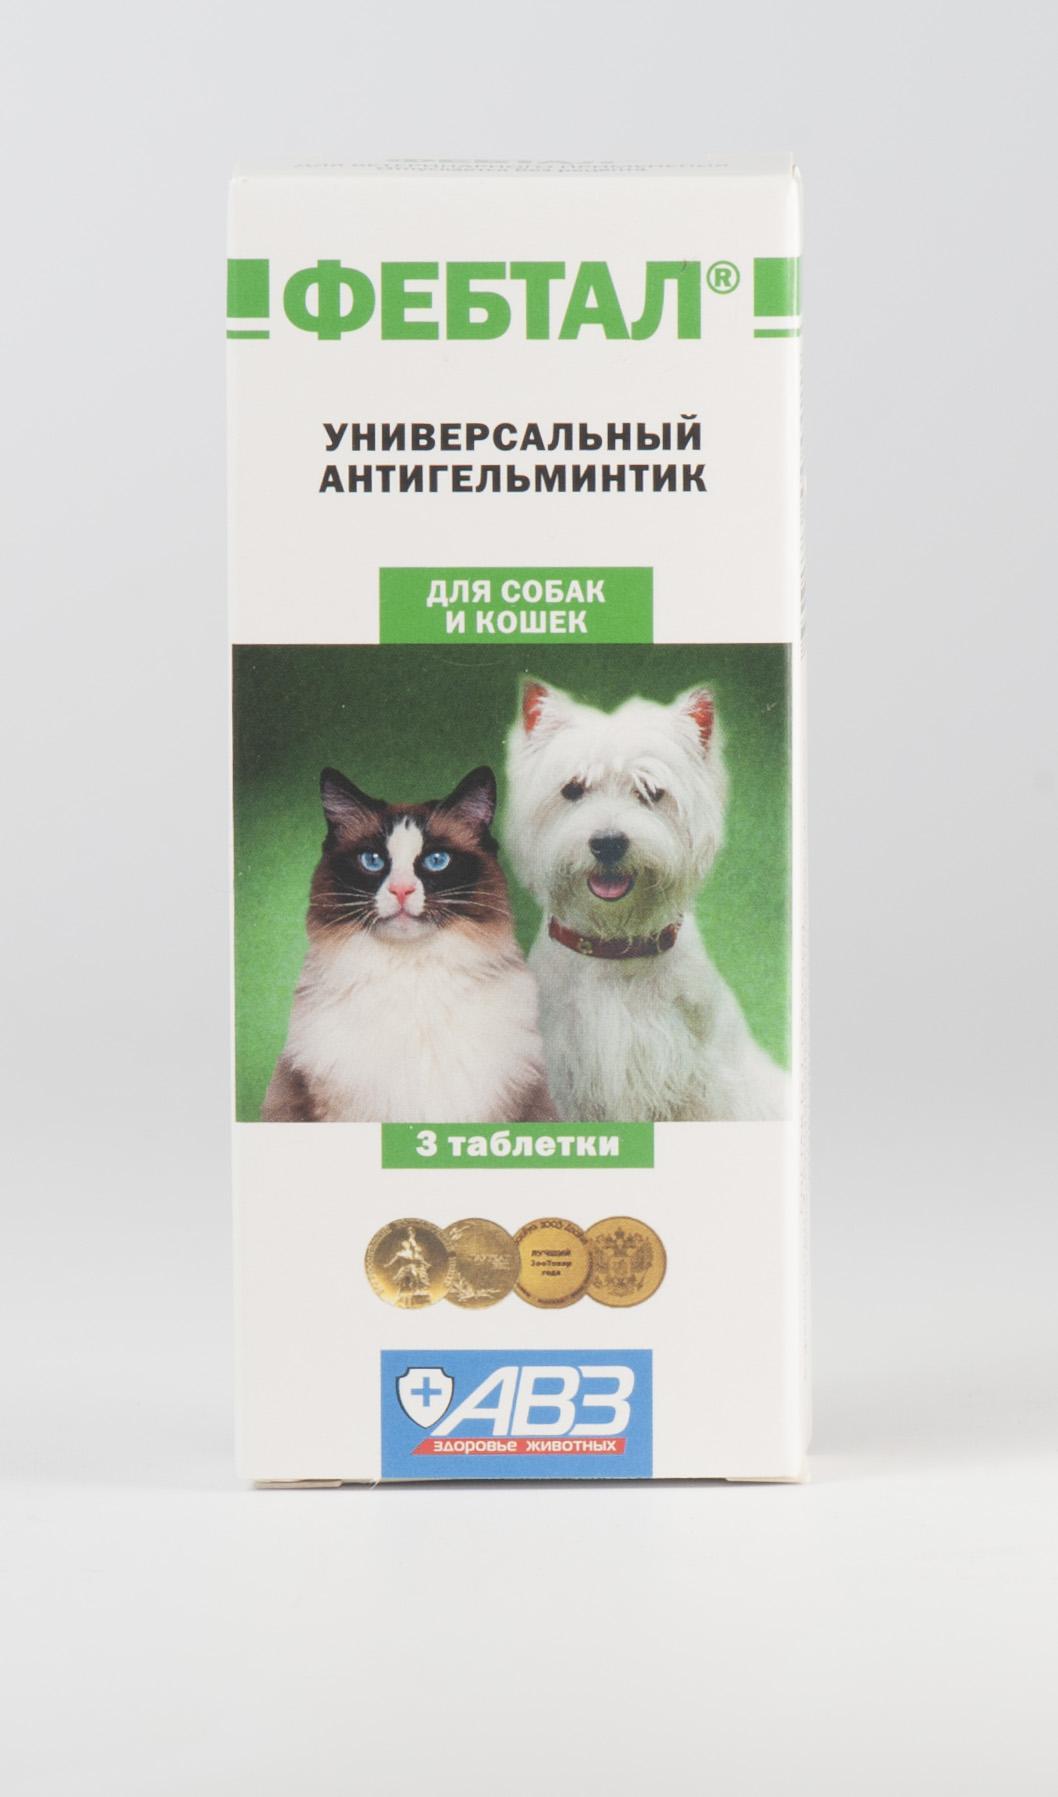 глюкоза для кошек инструкция - promalprabota.ru